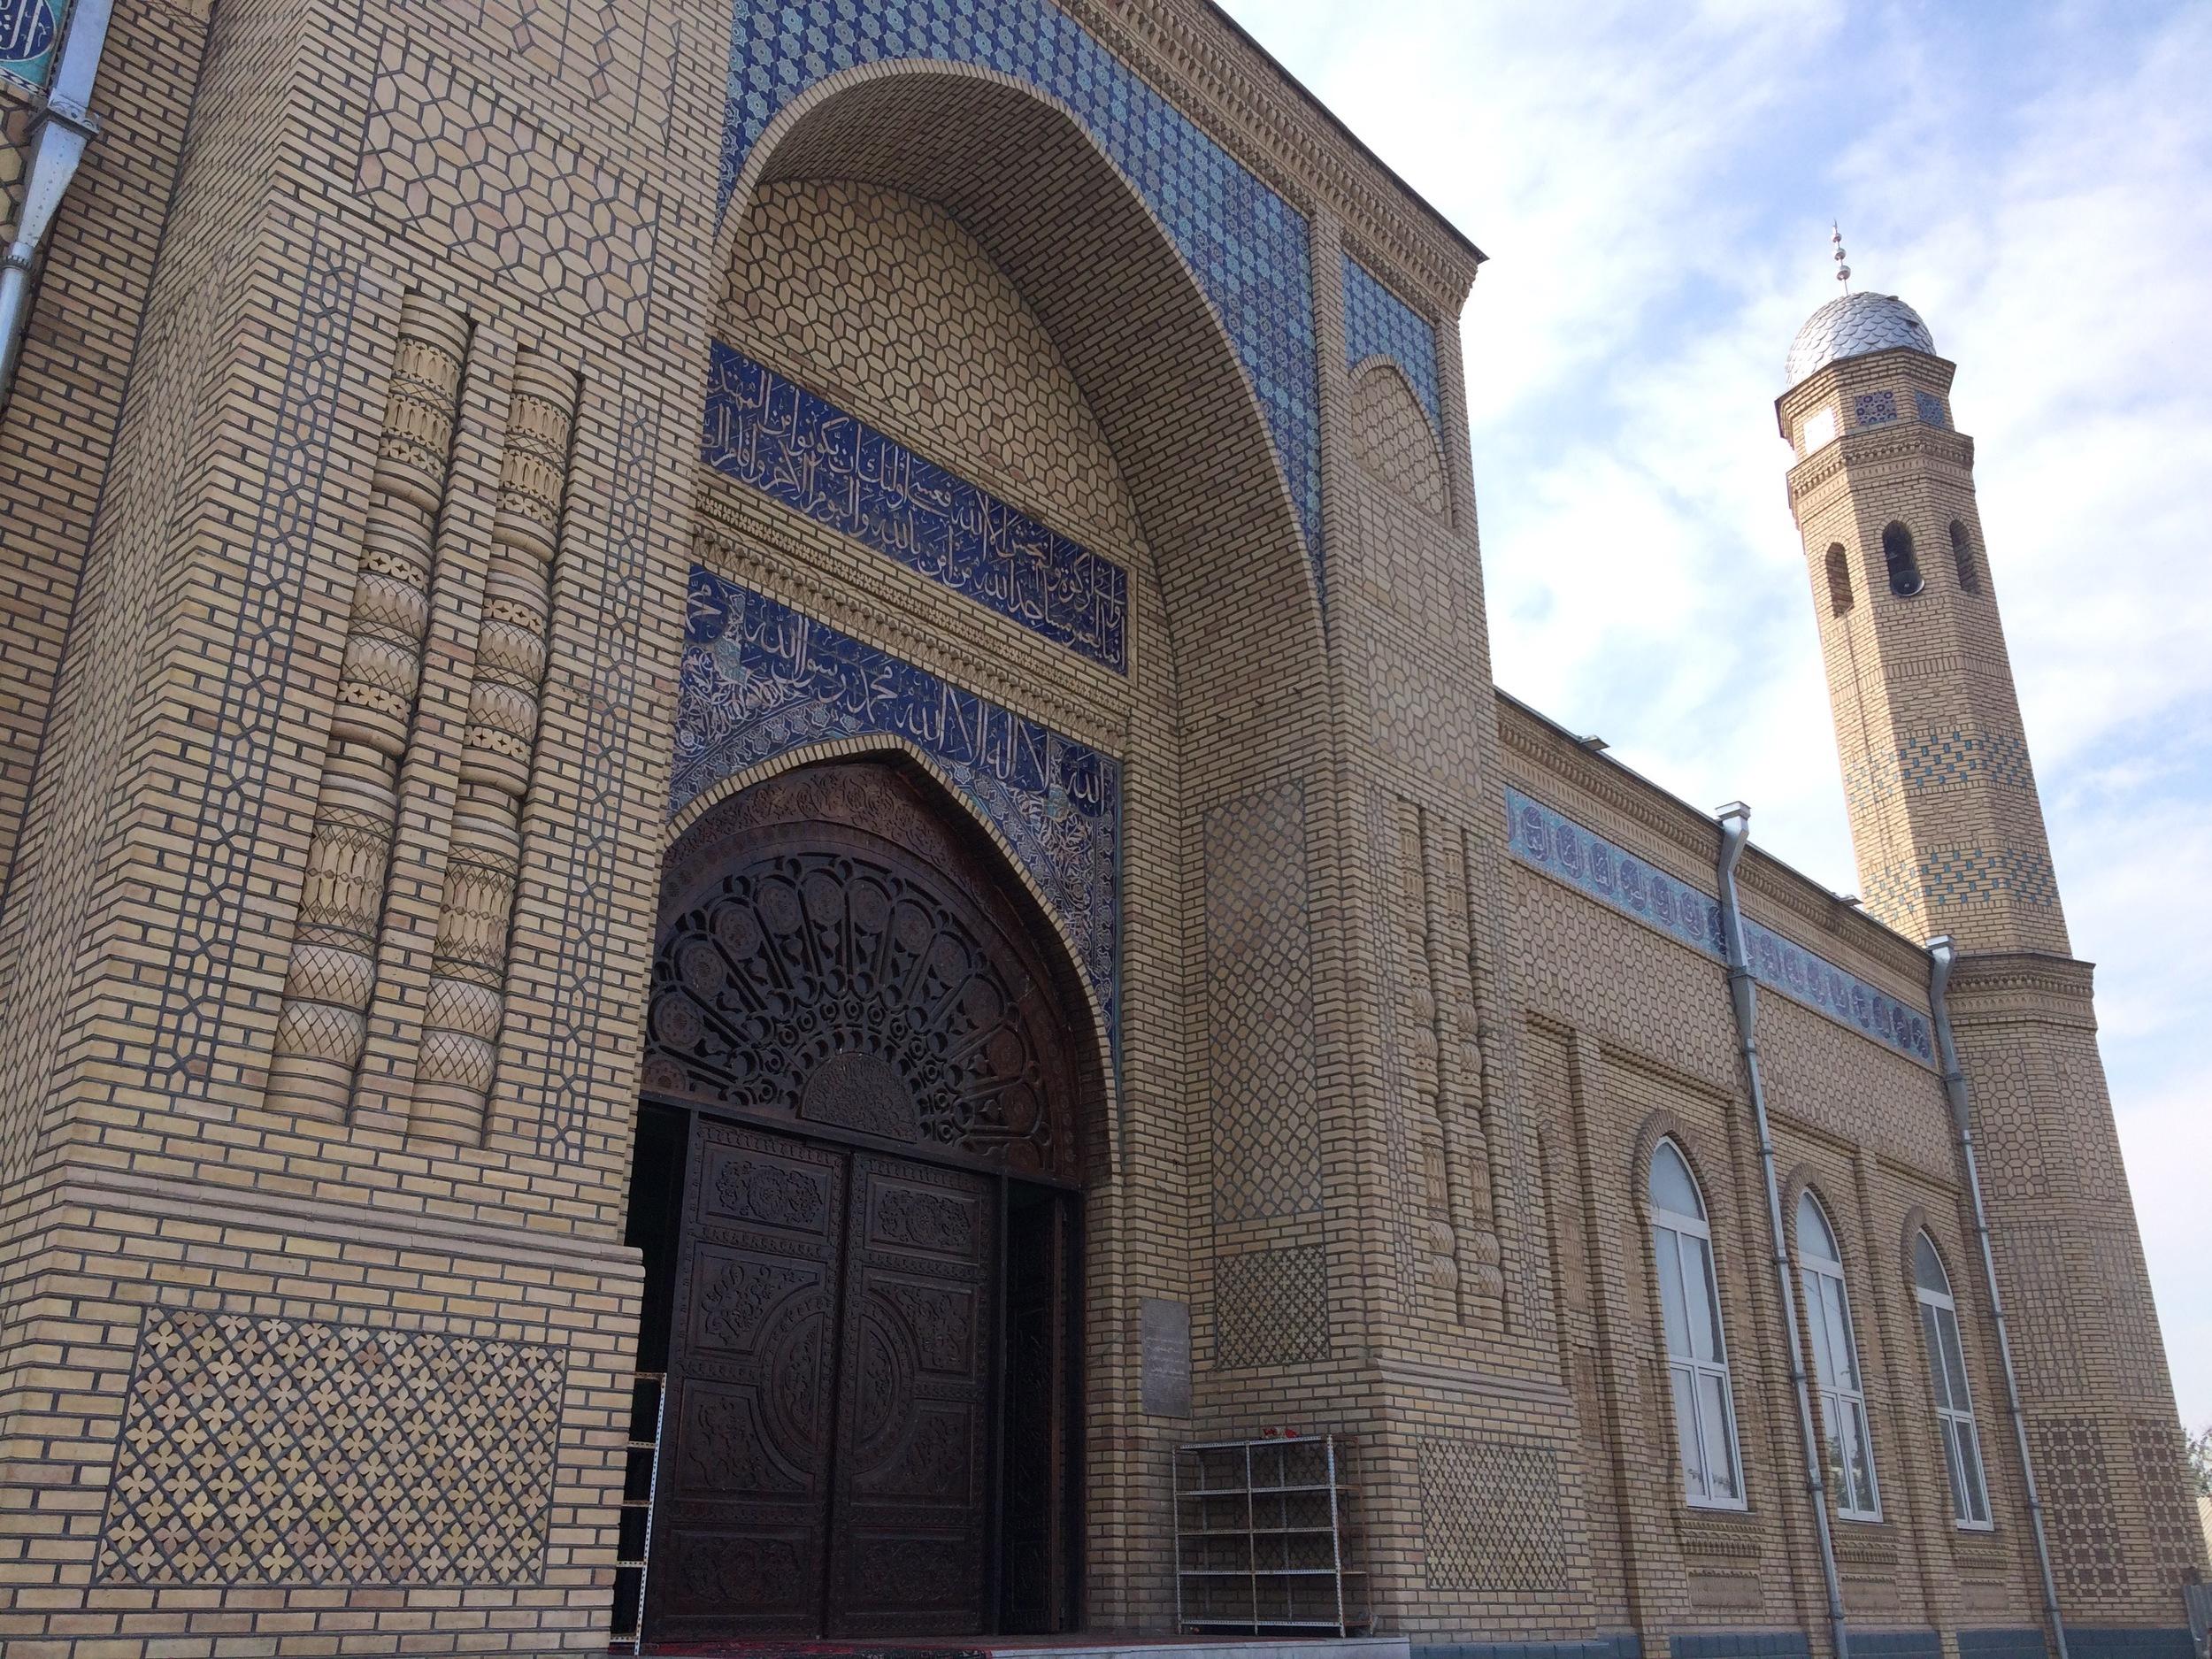 Aravan's mosque, established in 2006.